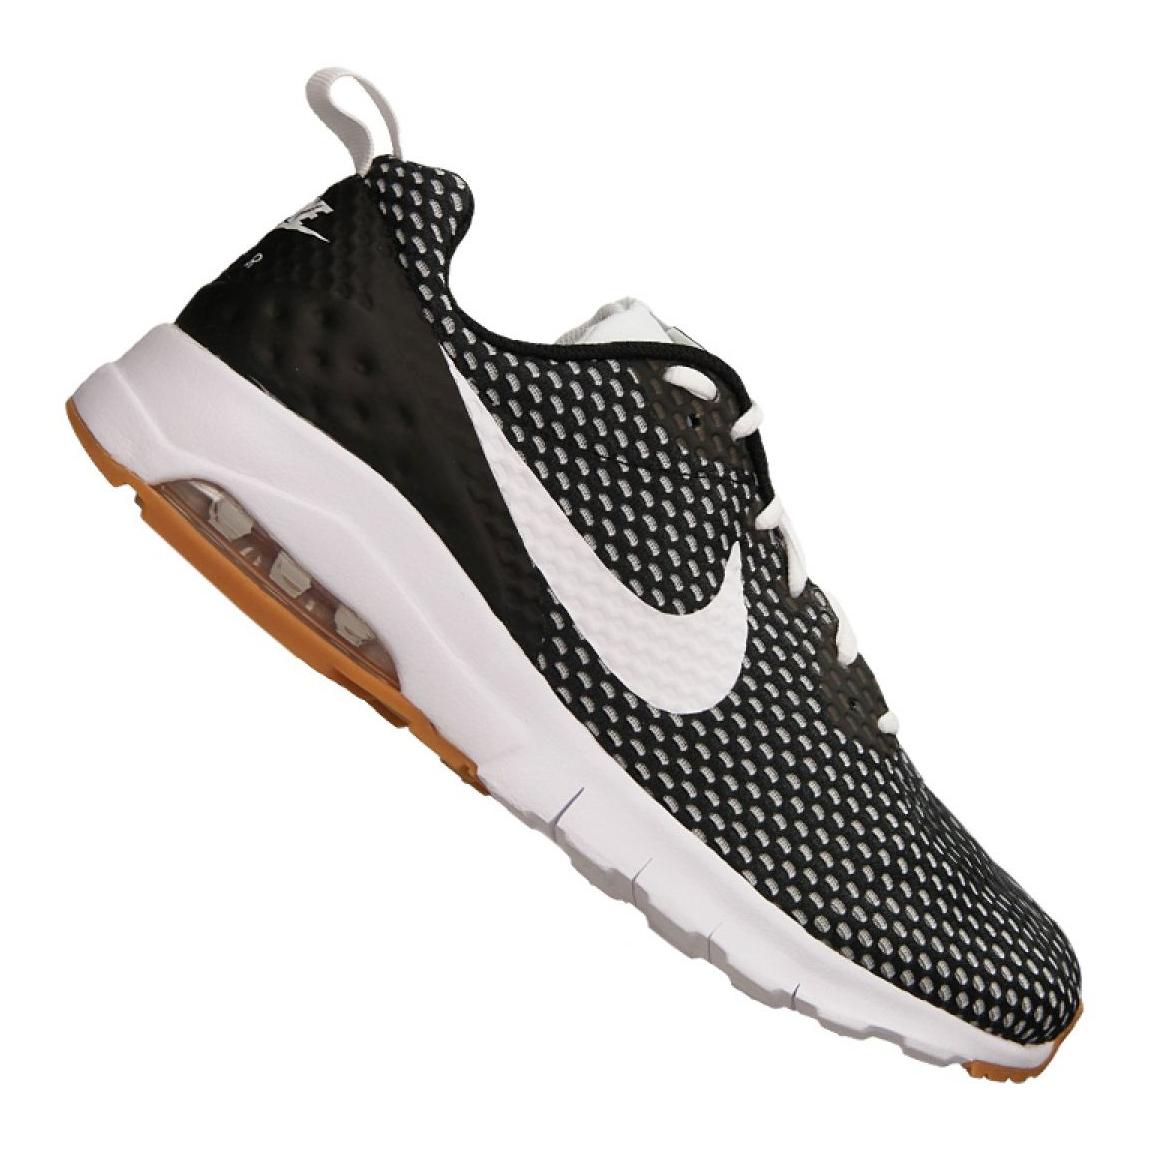 Sapatilhas Nike Air Max Motion Lw M 844836 013 preto